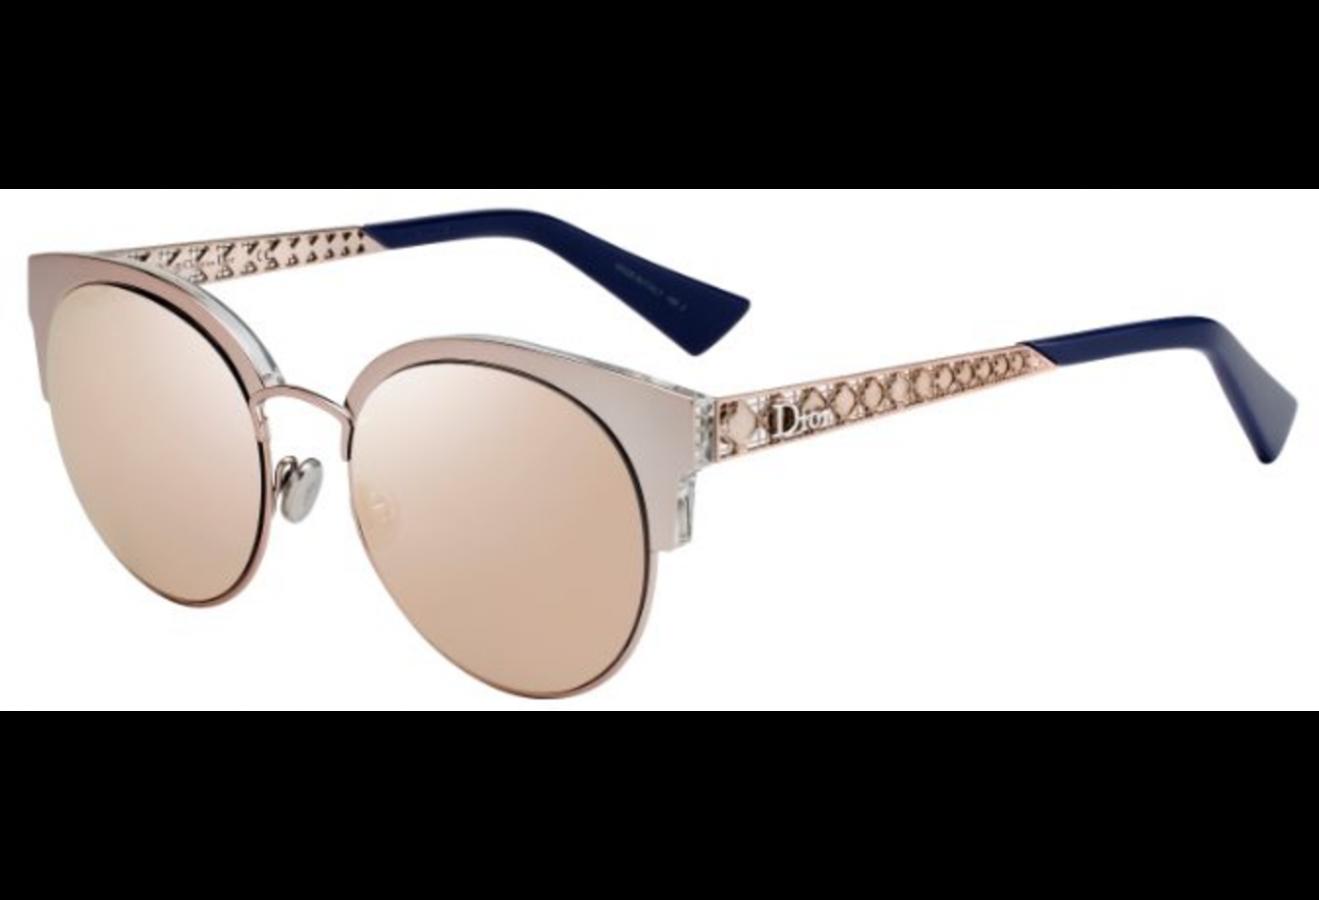 4069367815df5 dioramamini lightpink lunette de soleil aviateur dior